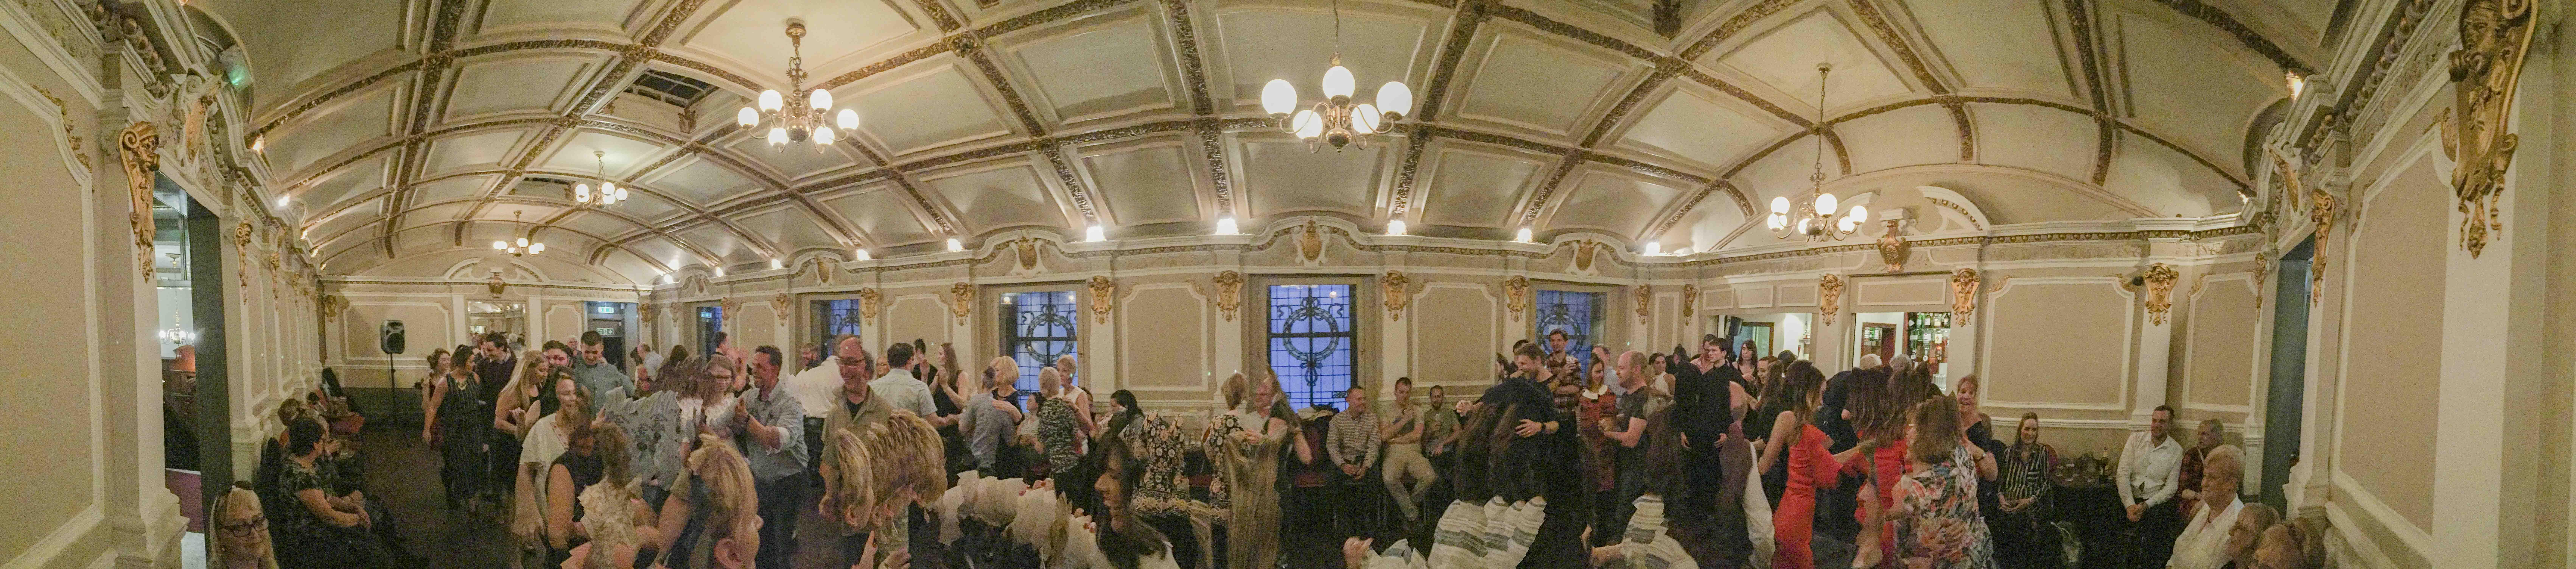 Traditioneller Schottischer Tanzabend Celidh Im Sloanu0027s Pub In Glasgow,  20.5.2016, Foto: